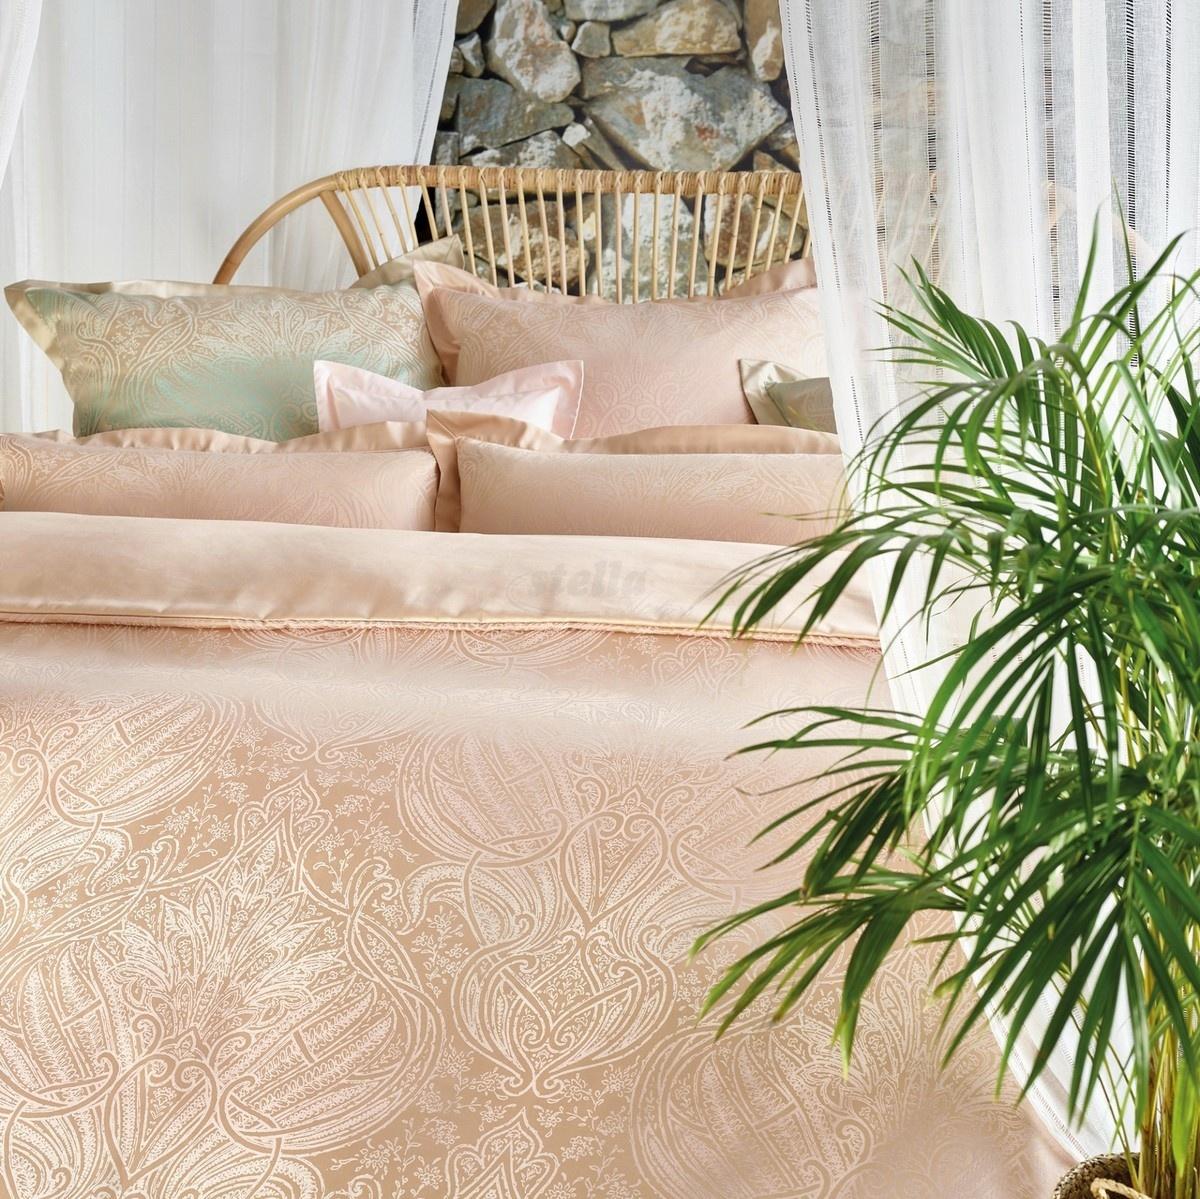 Stella Ateliers Damaškový povlak na polštářek Reena rose opál, 40 x 80 cm